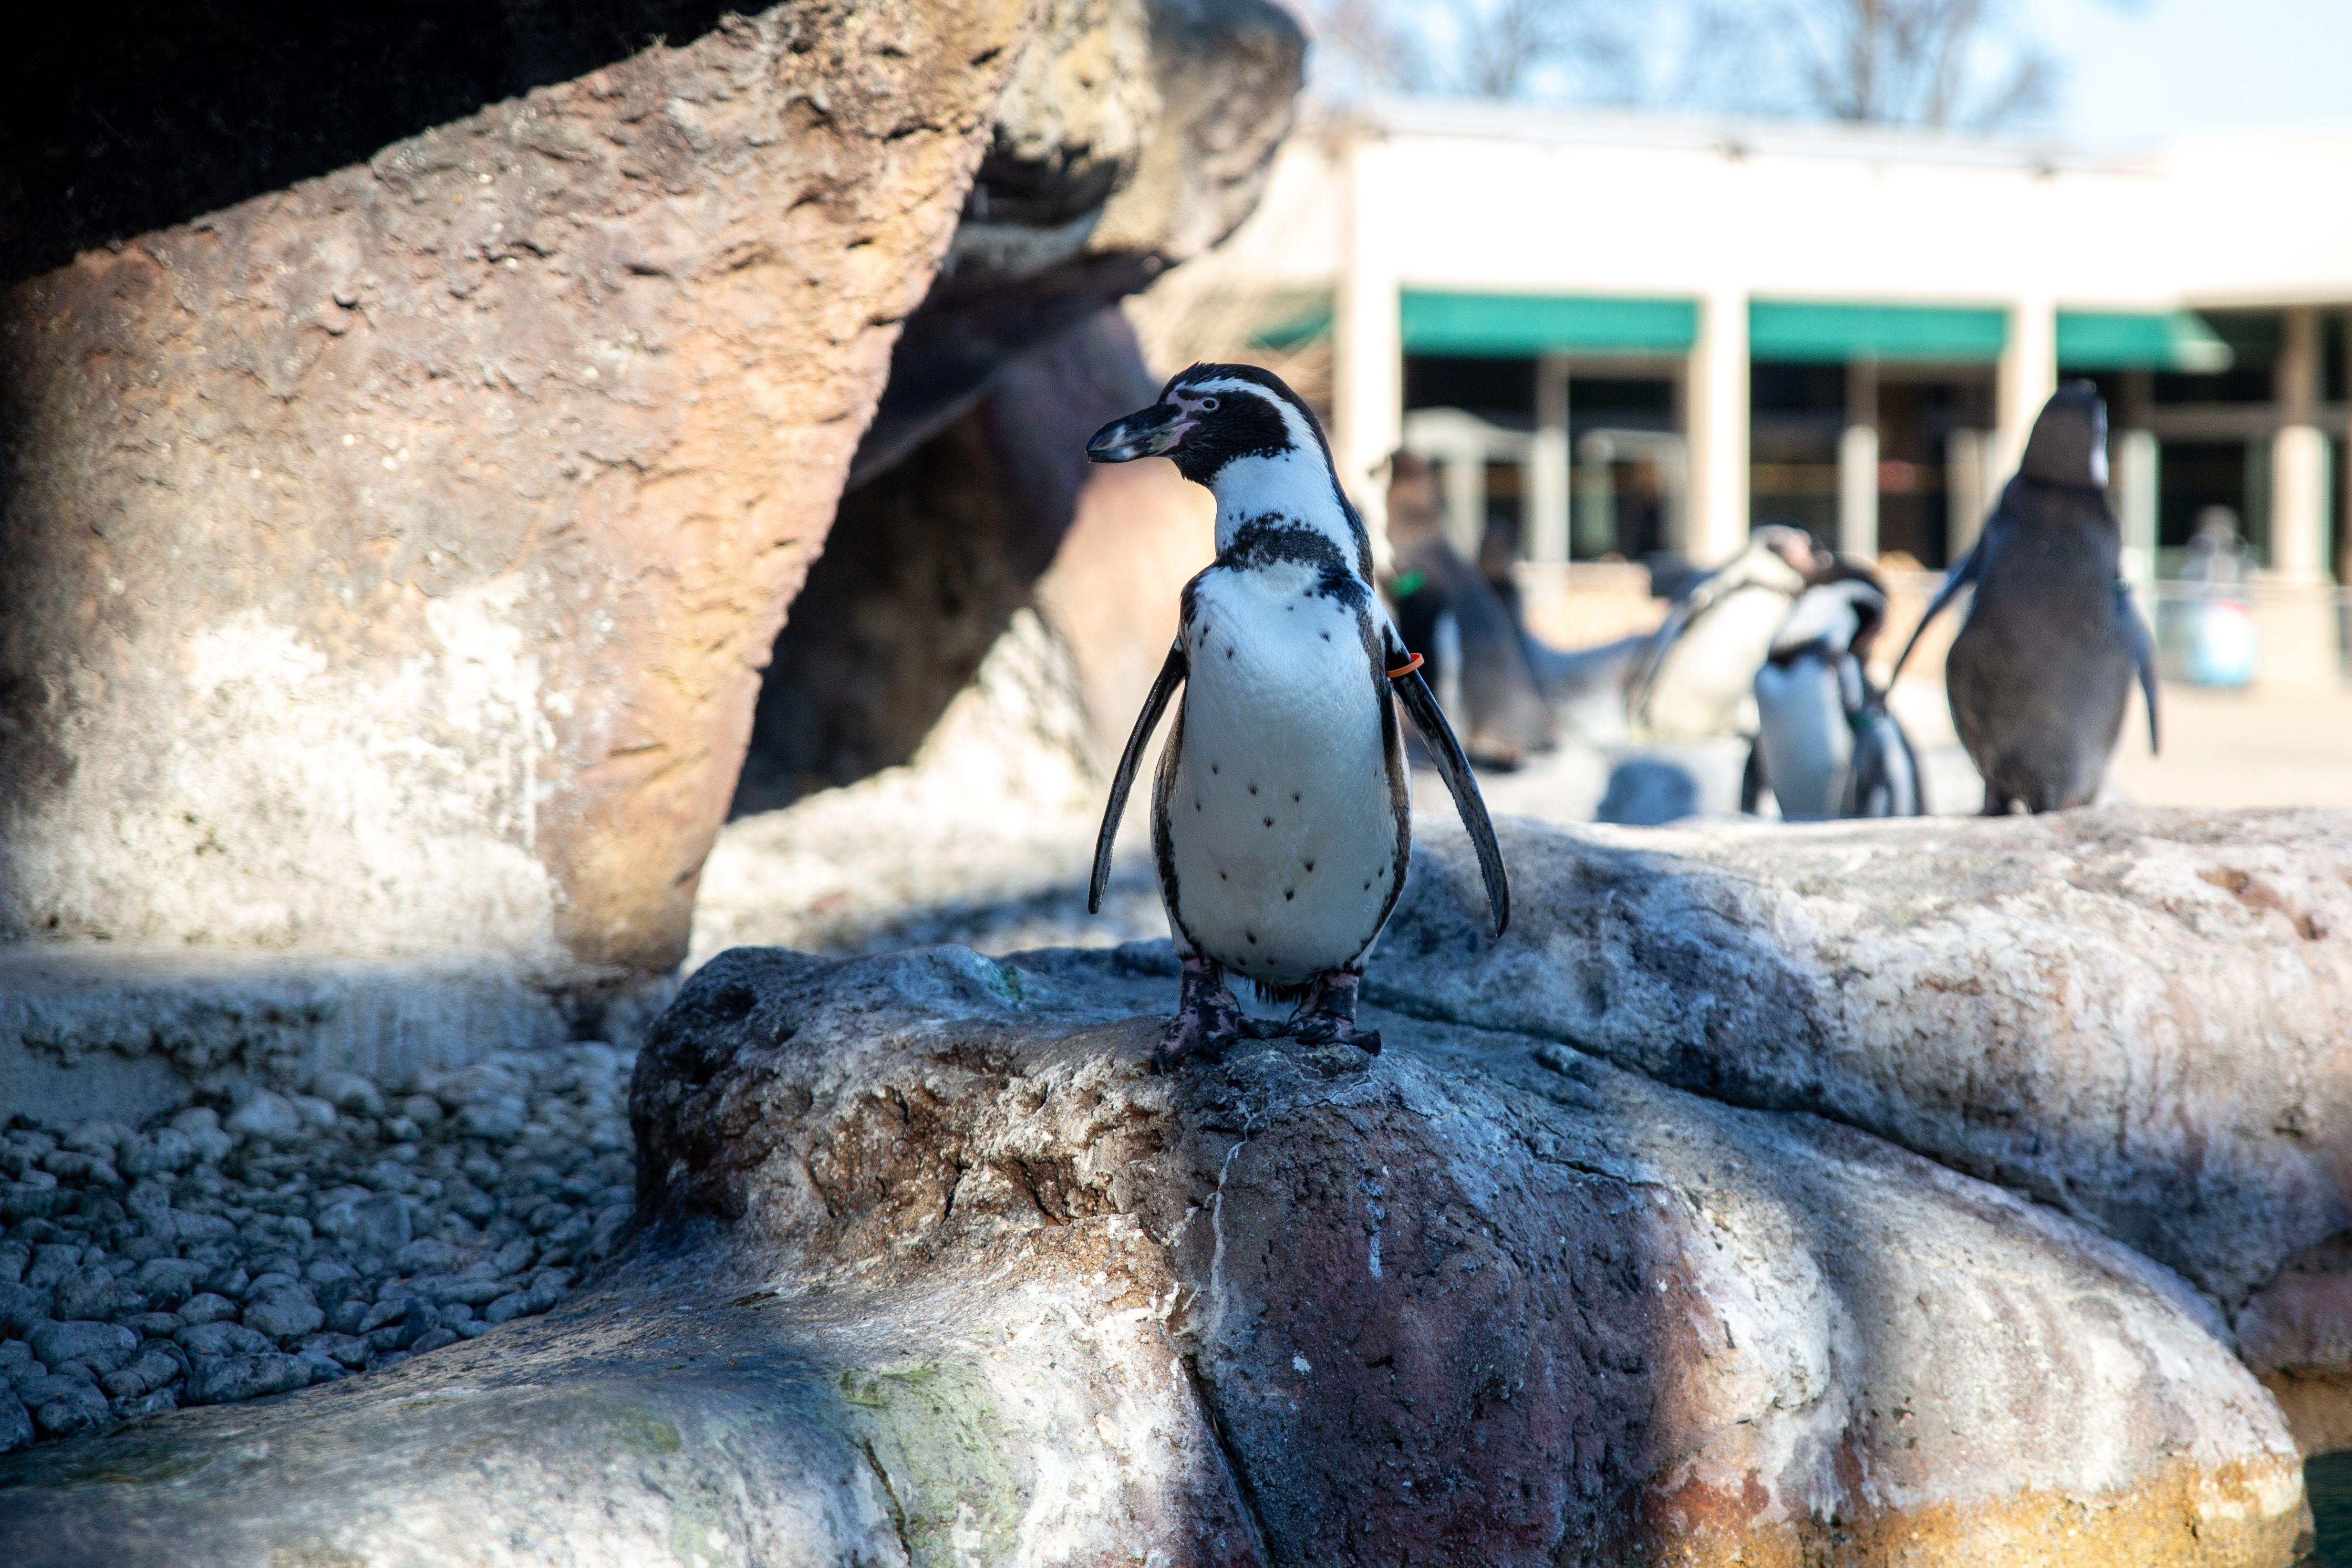 Pingüinos en el zoológico de Milwaukee